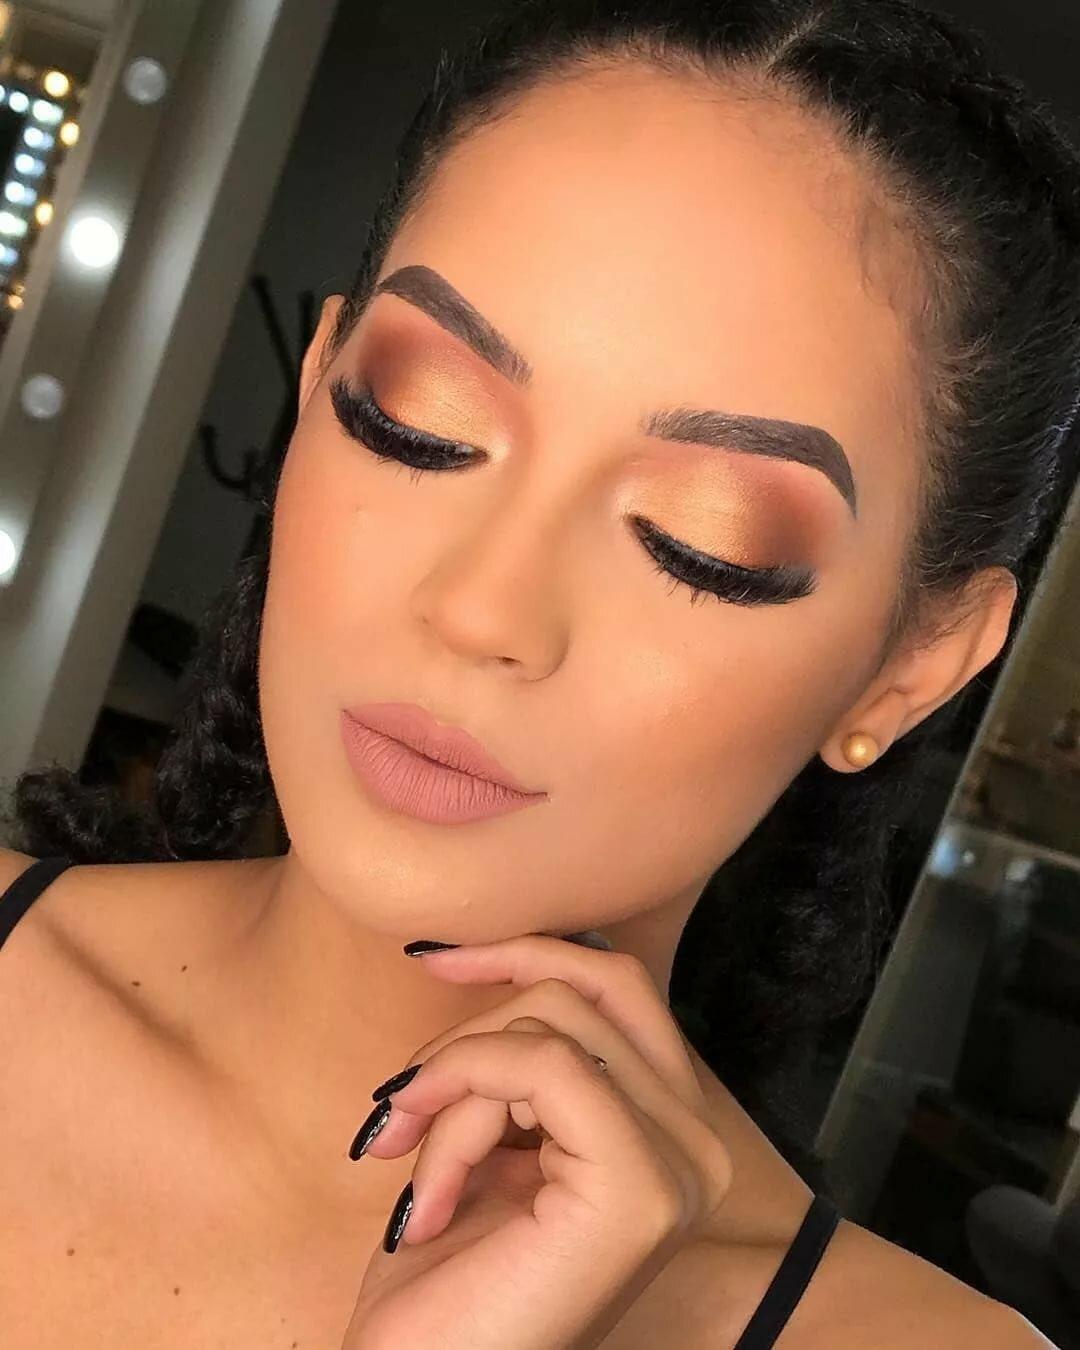 Перманентный макияж — секреты как сделать красивый и оригинальный макияж на длительный срок (видео и 80 фото)